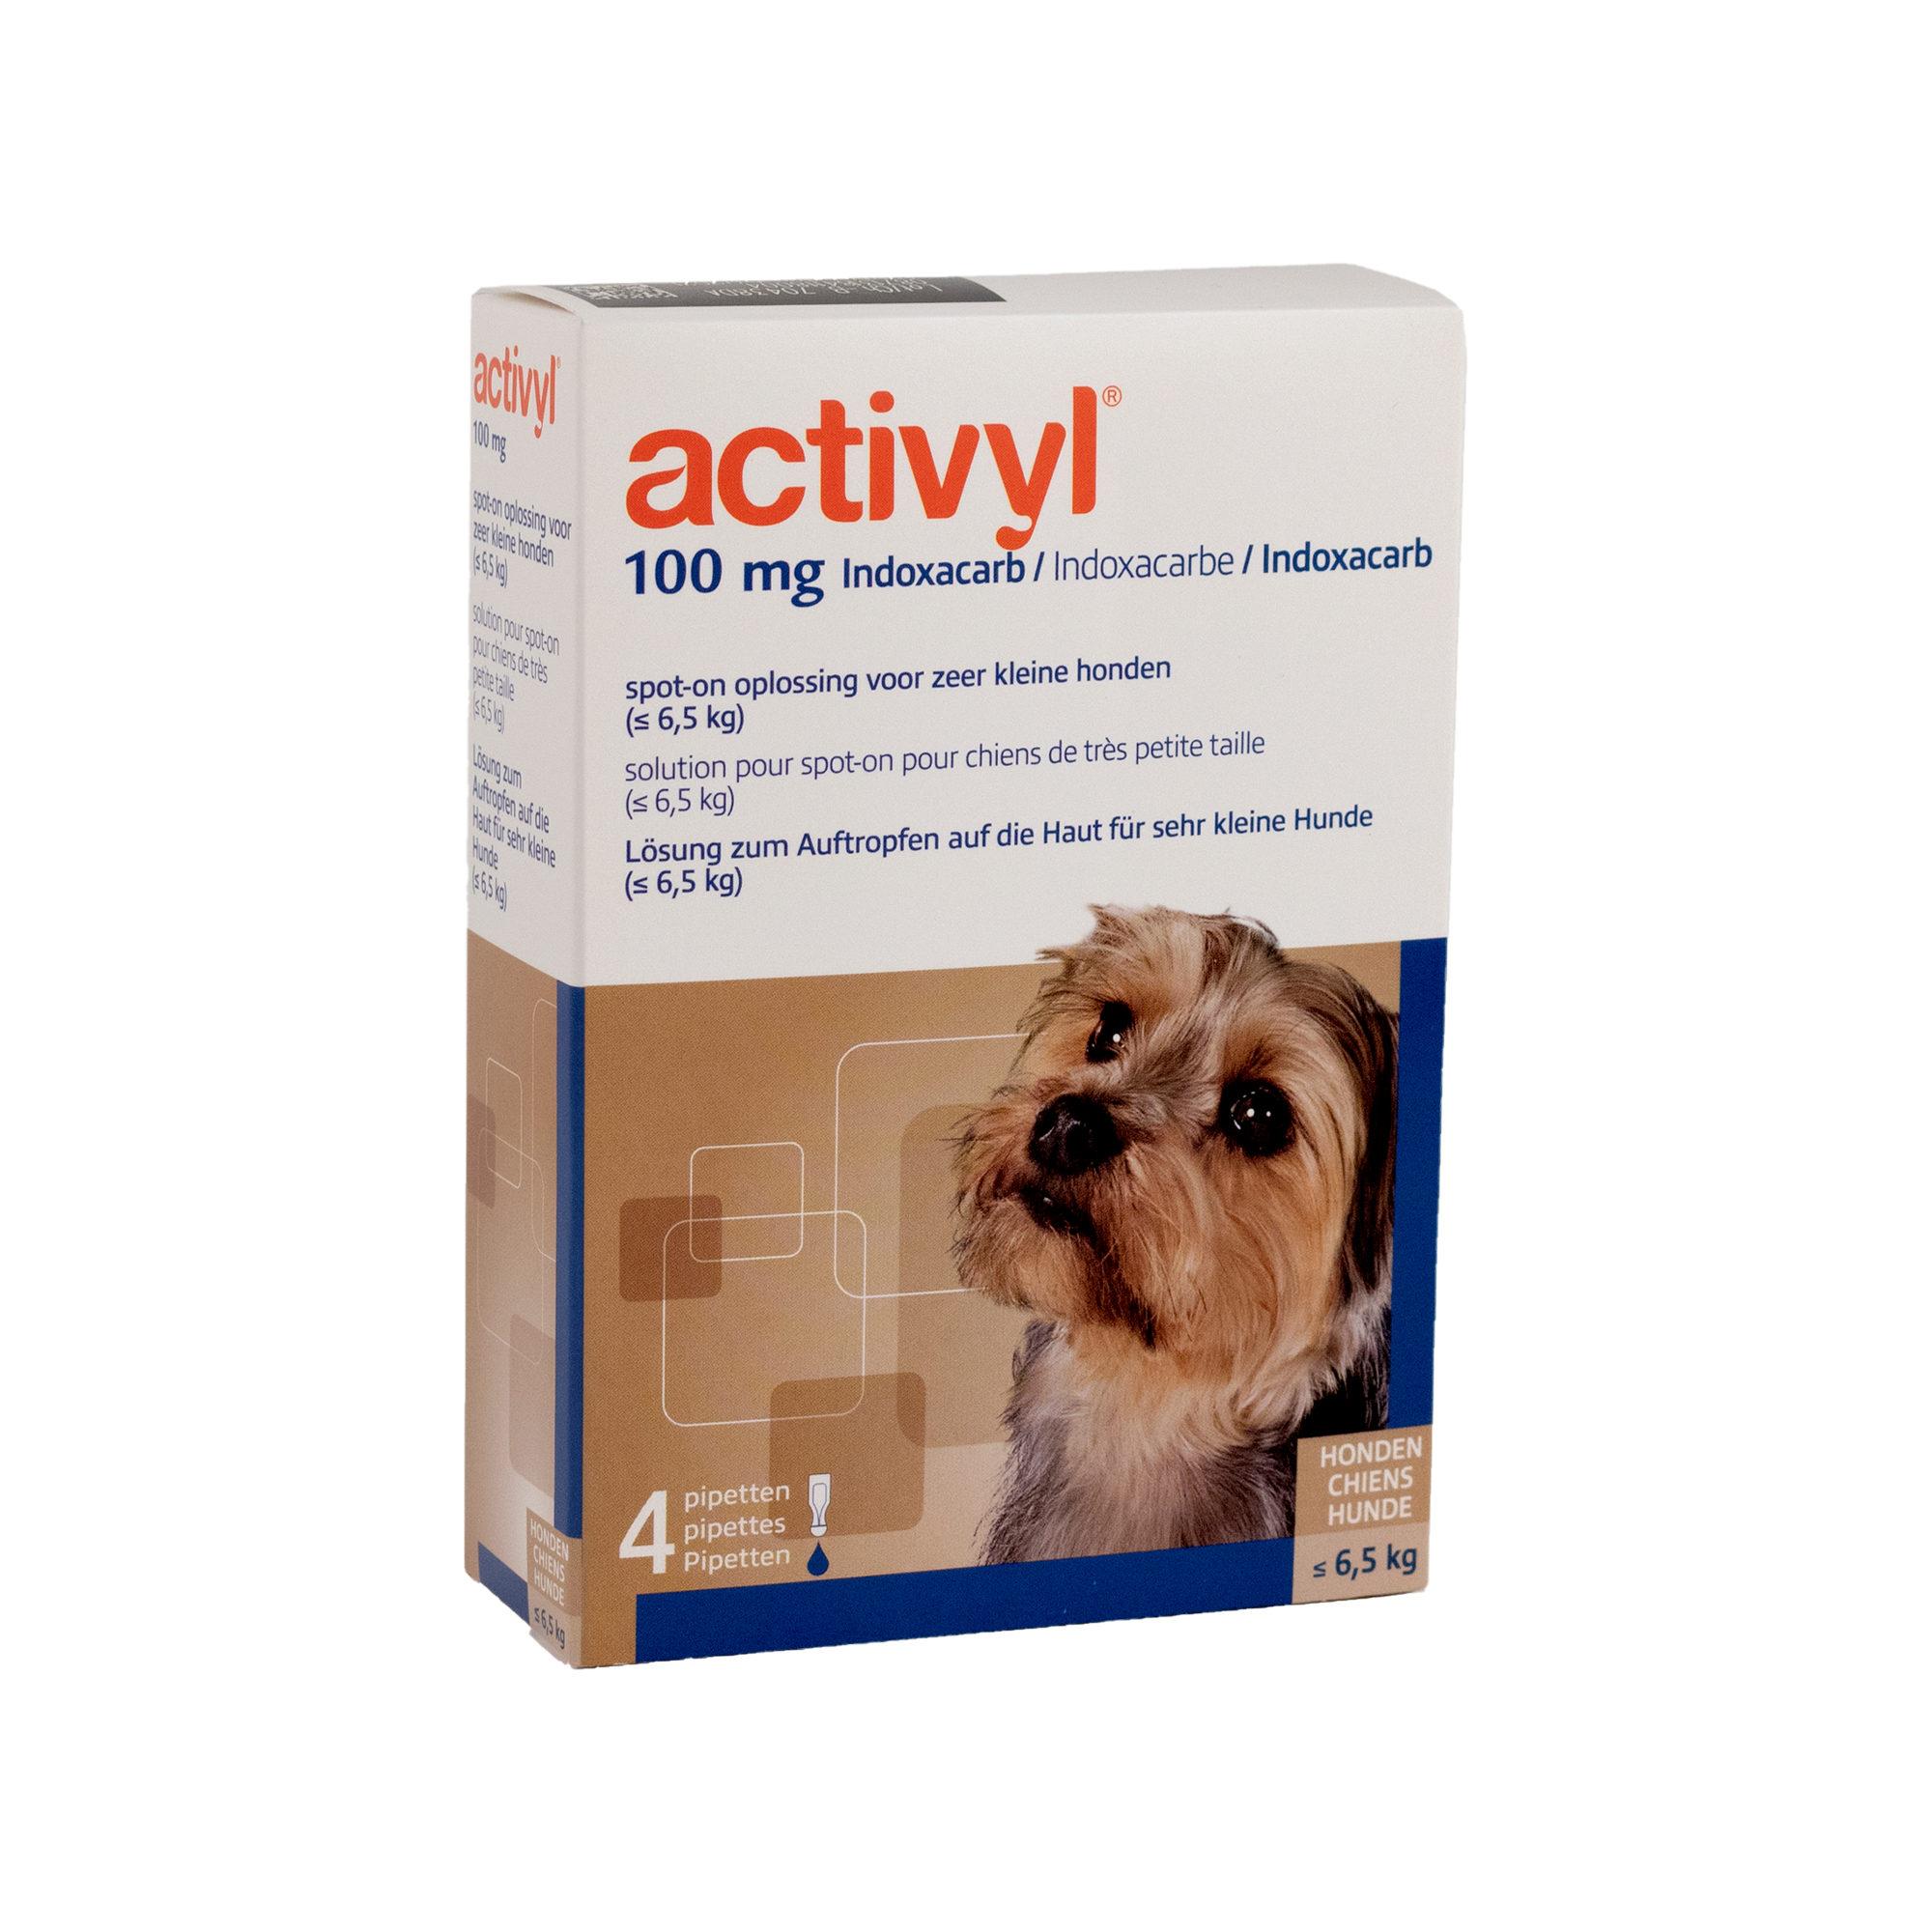 Activyl Spot-on Hund XS - bis zu 6,5 kg